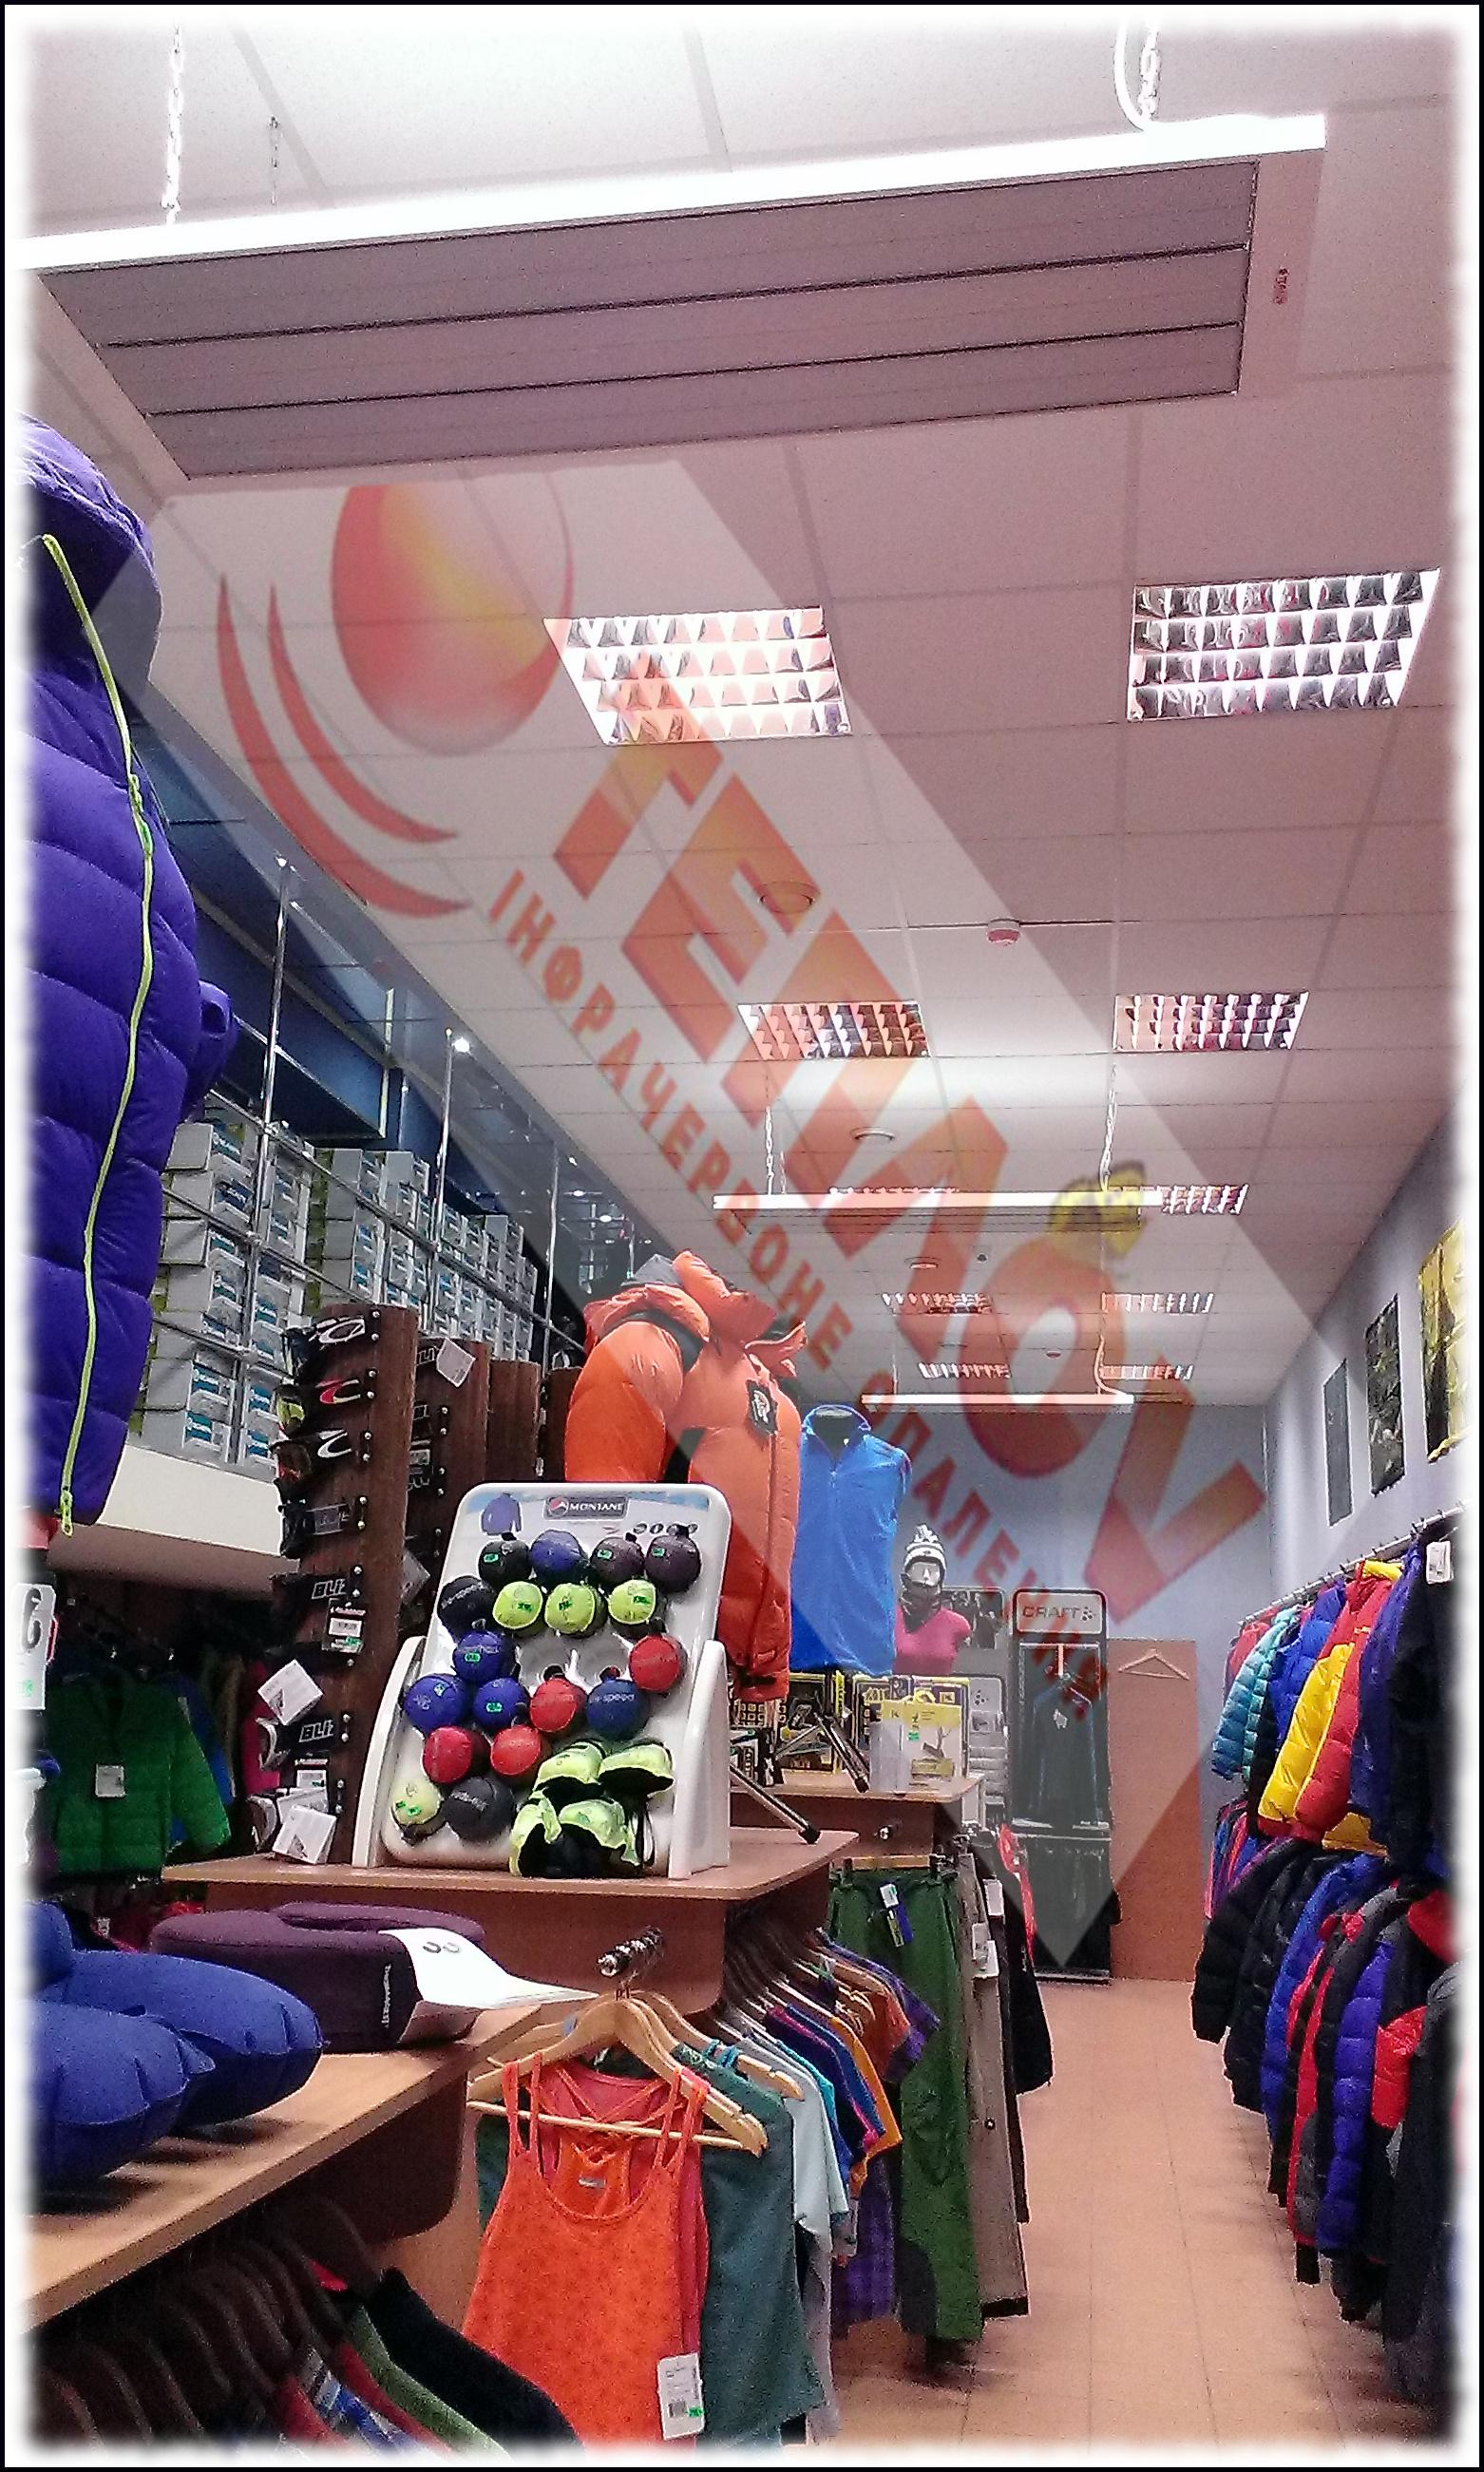 экономичное отопление магазина инфракрасными обогревателями